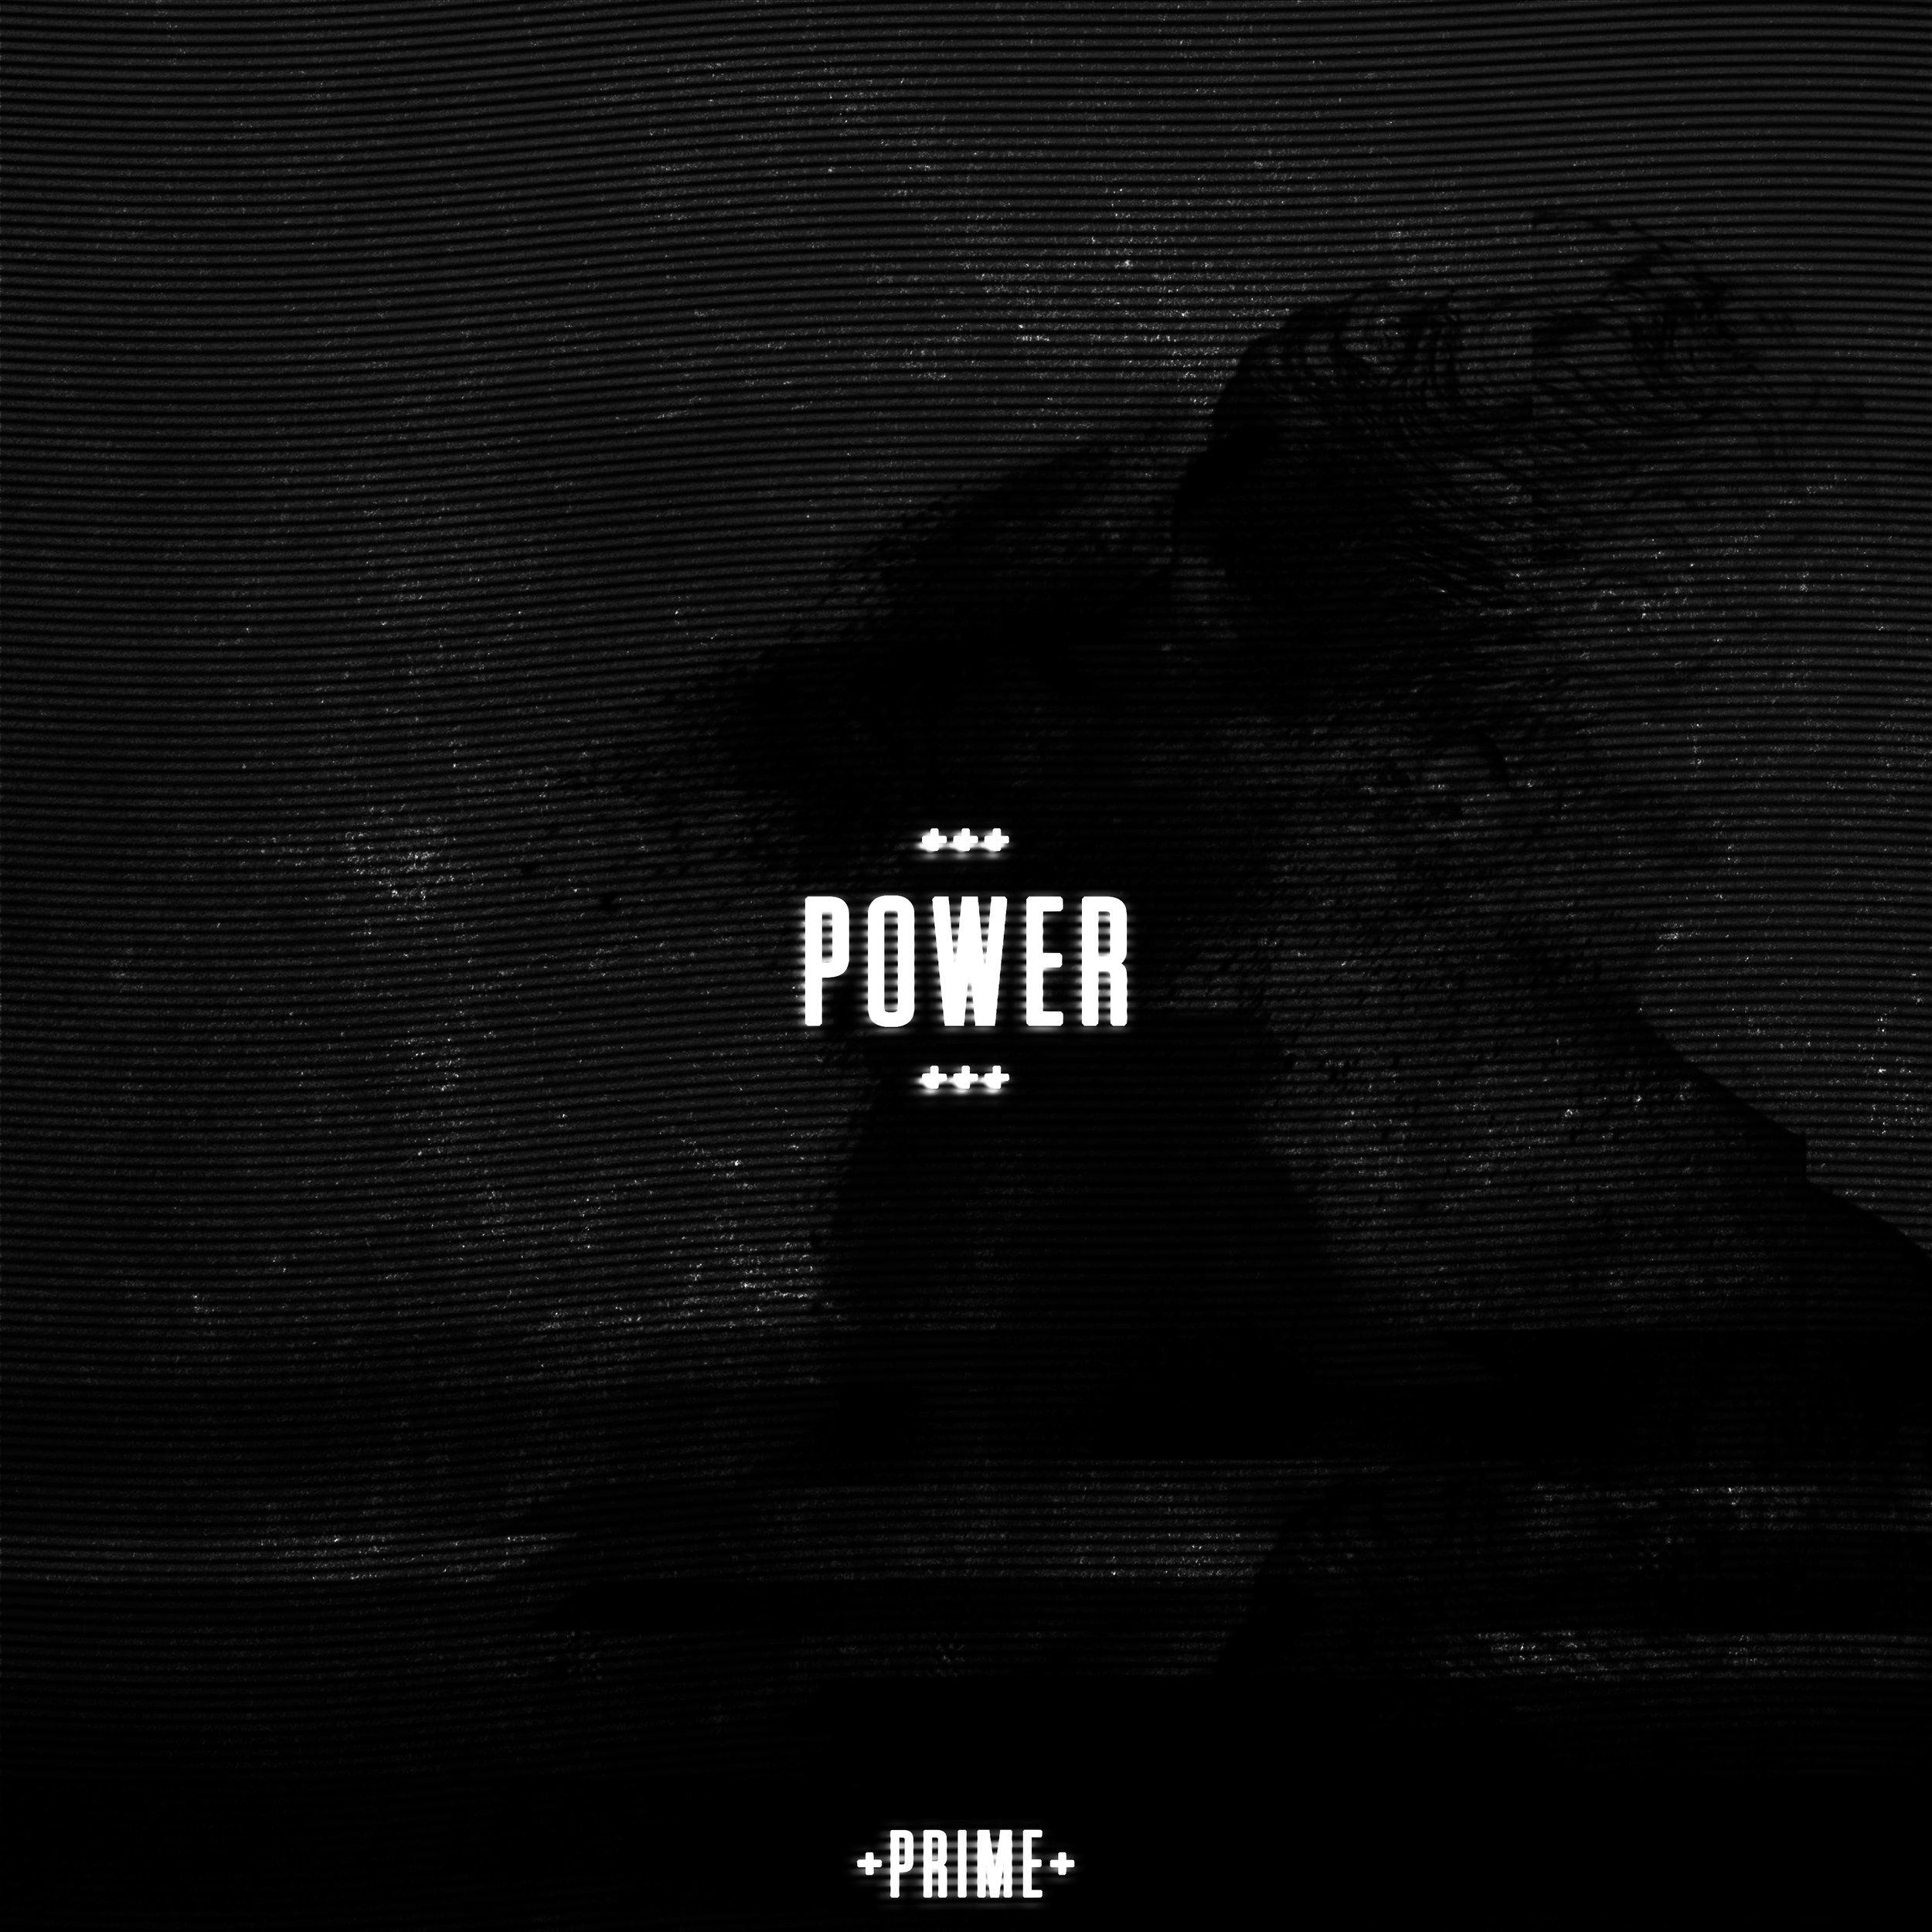 power-artwork.jpg